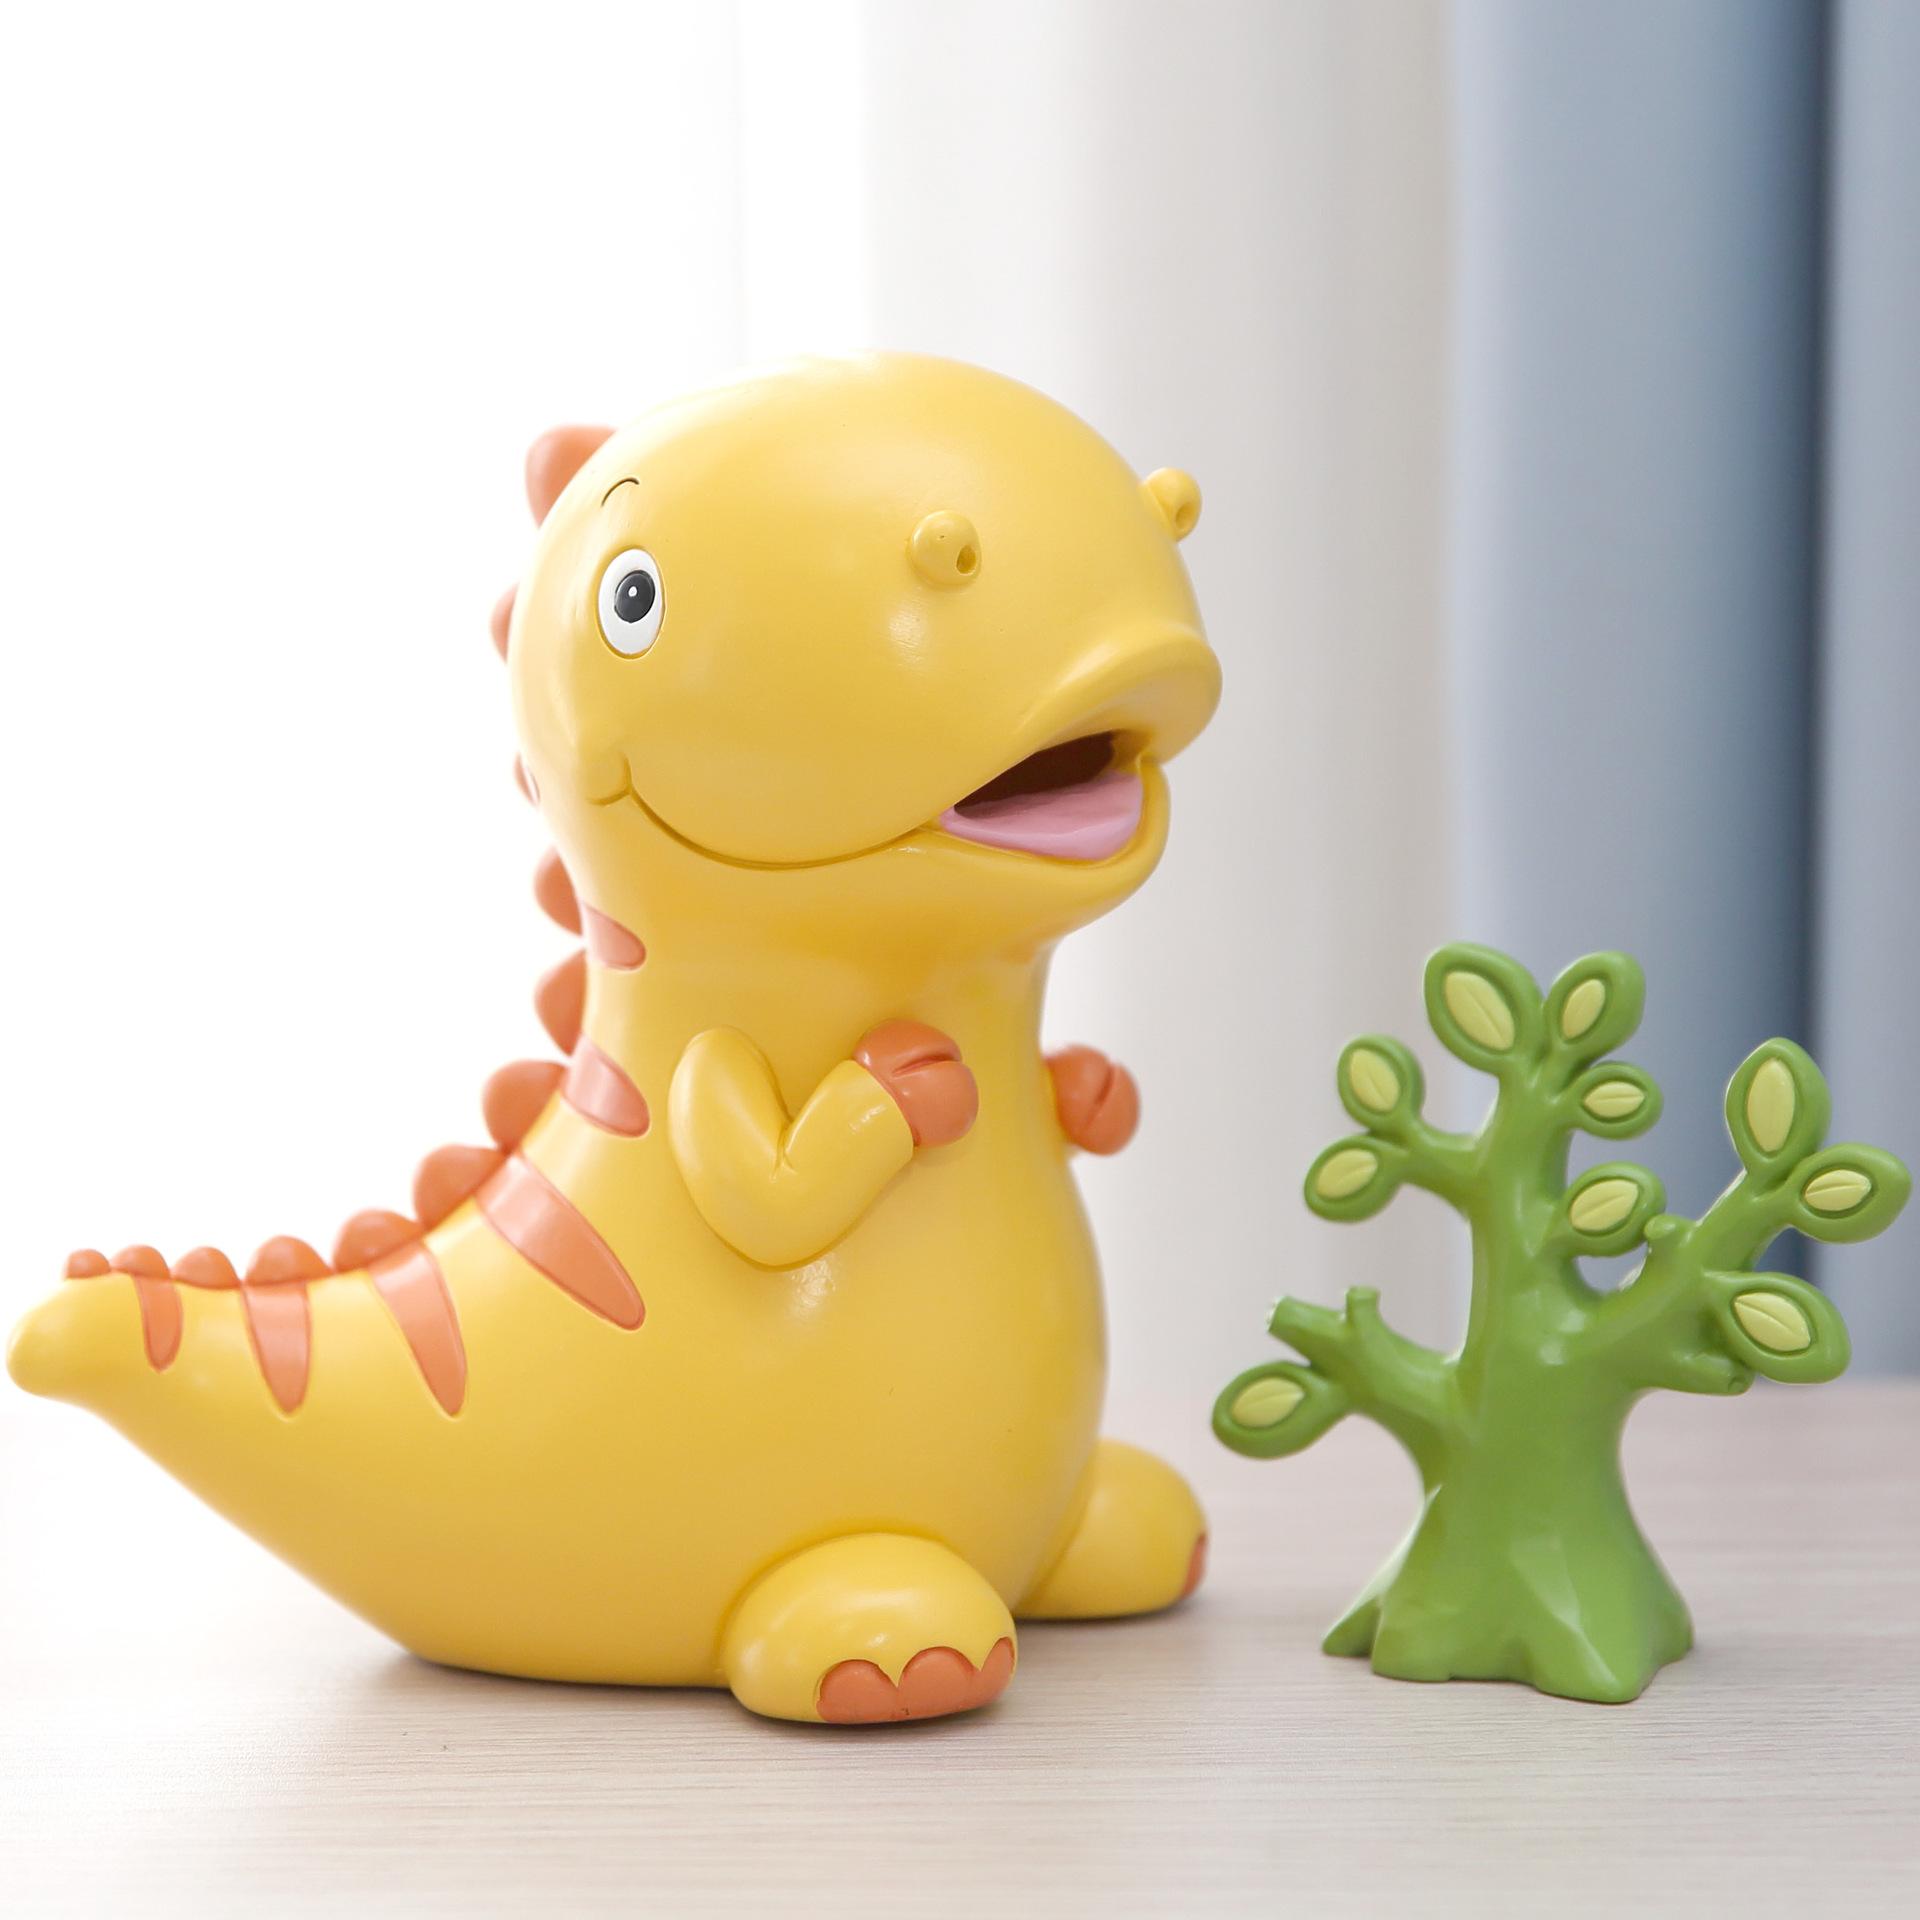 OMASH Đồ trang trí bằng cao su Trẻ em hoạt hình con heo đất dễ thương nhựa trang trí trang trí sinh